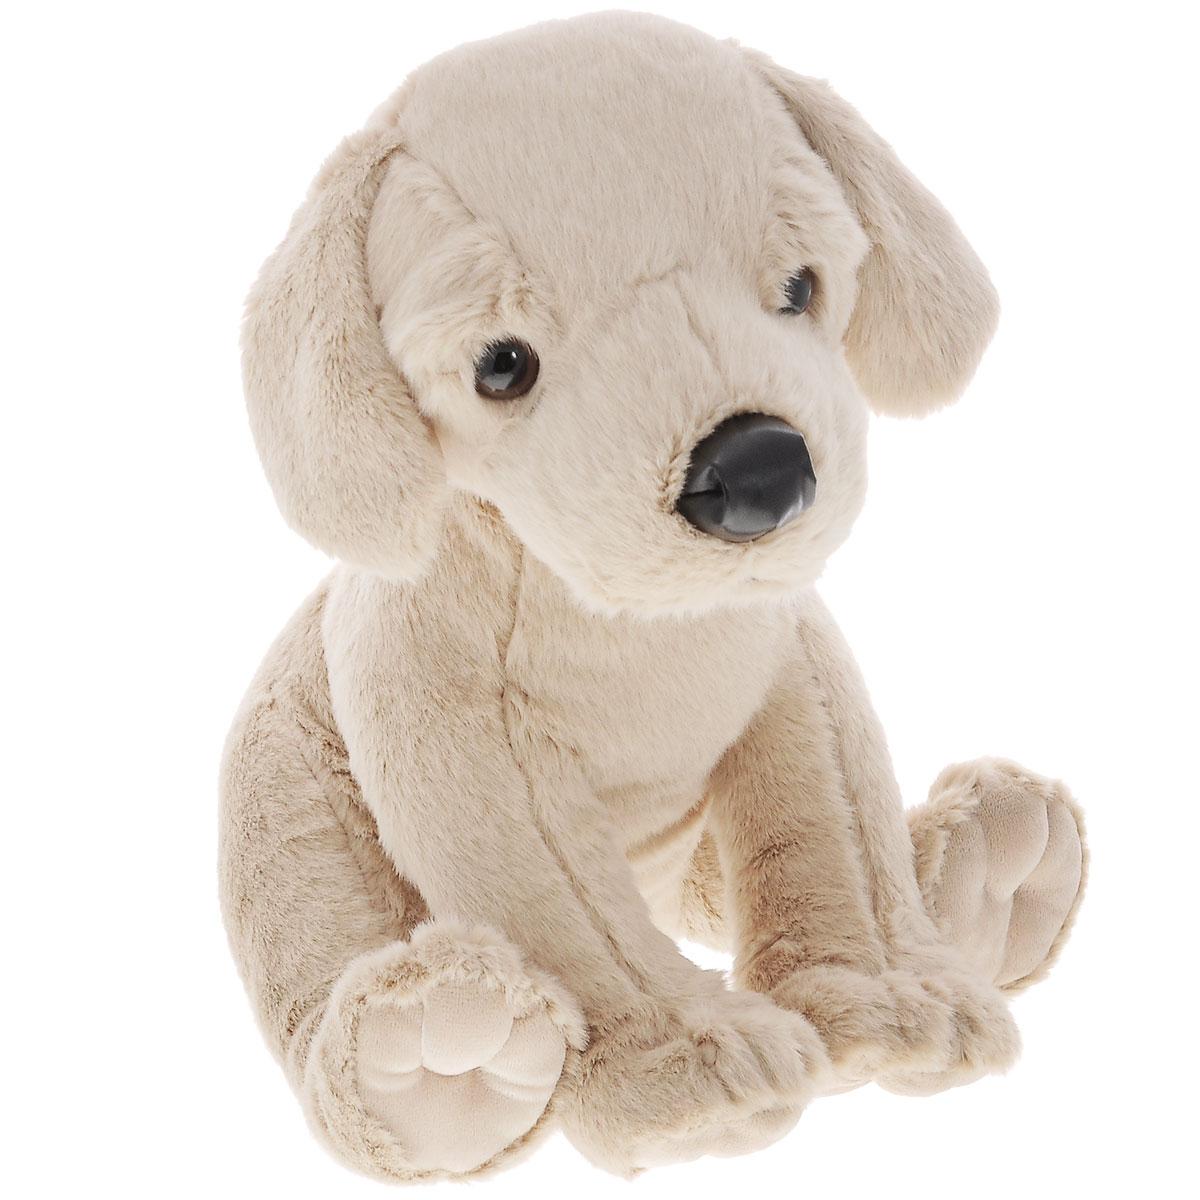 Plush Apple Мягкая игрушка Грустная собака, 27 смK33203AМягкая игрушка Plush Apple Грустная собака выполнена из качественных материалов, абсолютно безвредных для ребенка. Плюшевый пес с грустными глазками вызовет умиление и улыбку у малыша и обязательно понравится ему. Игрушка очень приятна на ощупь. Оригинальный дизайн и великолепное качество исполнения делают игрушку чудесным подарком к любому празднику. Мягкая игрушка способствует развитию воображения и тактильной чувствительности у детей.